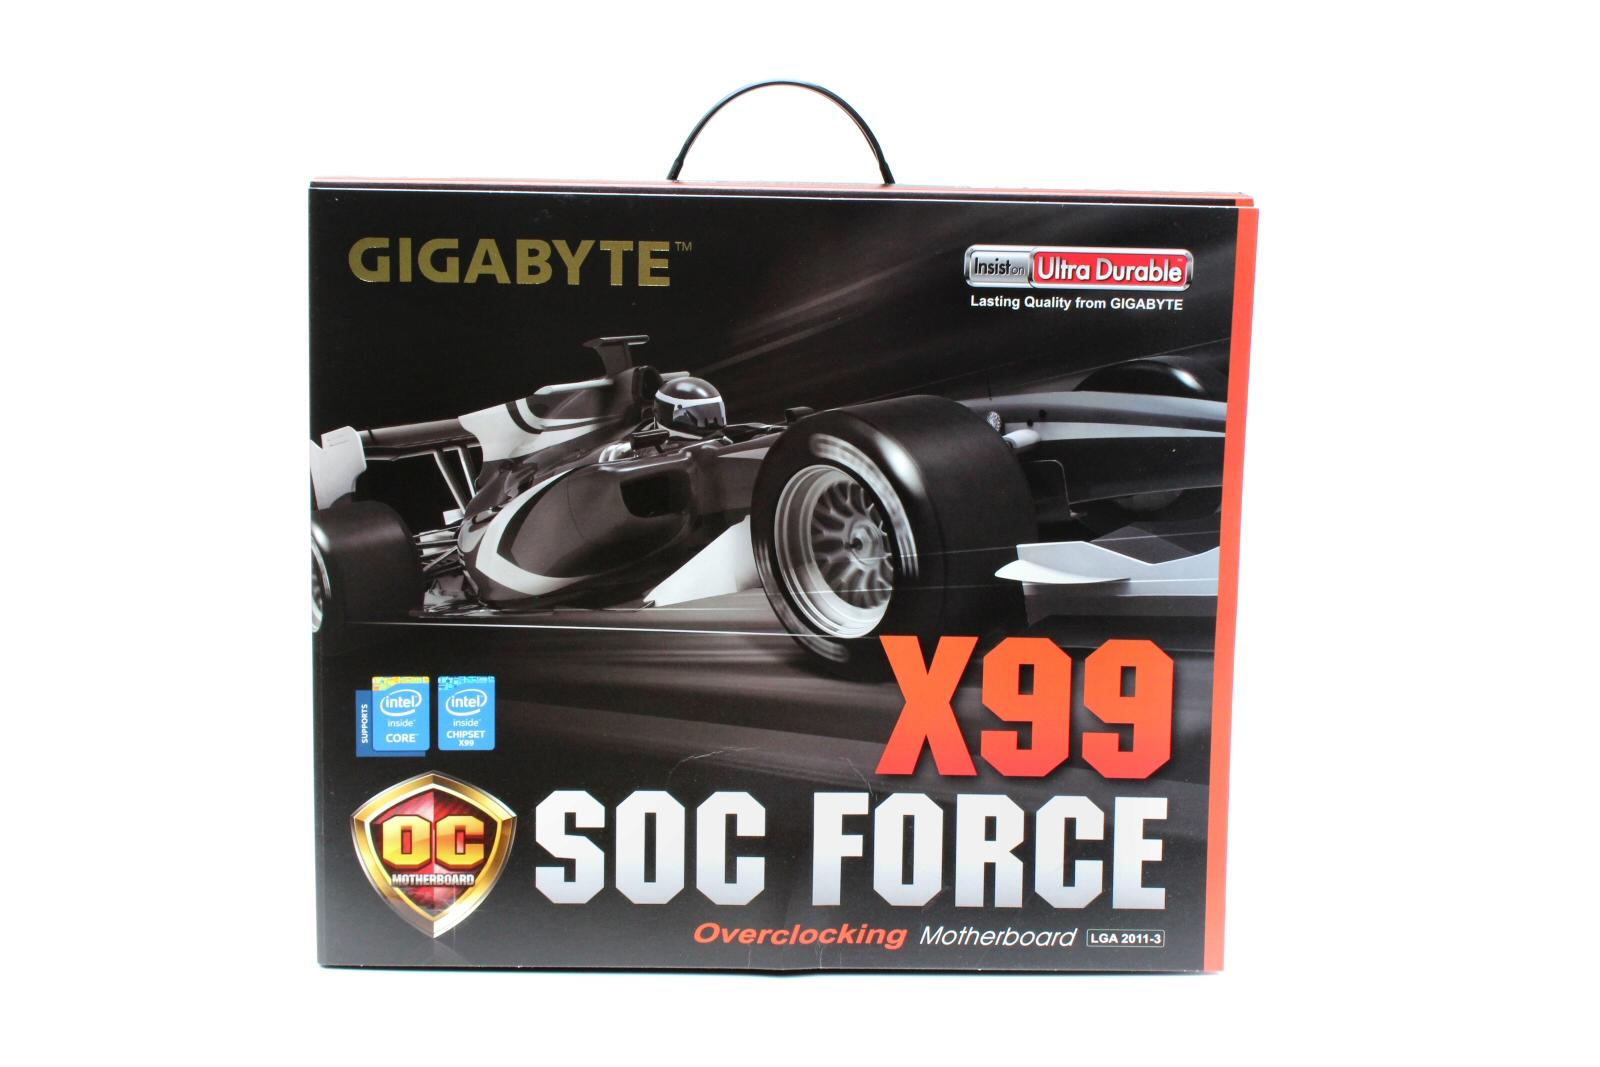 [Preview] GIGABYTE X99-SOC Force-img_5446.jpg